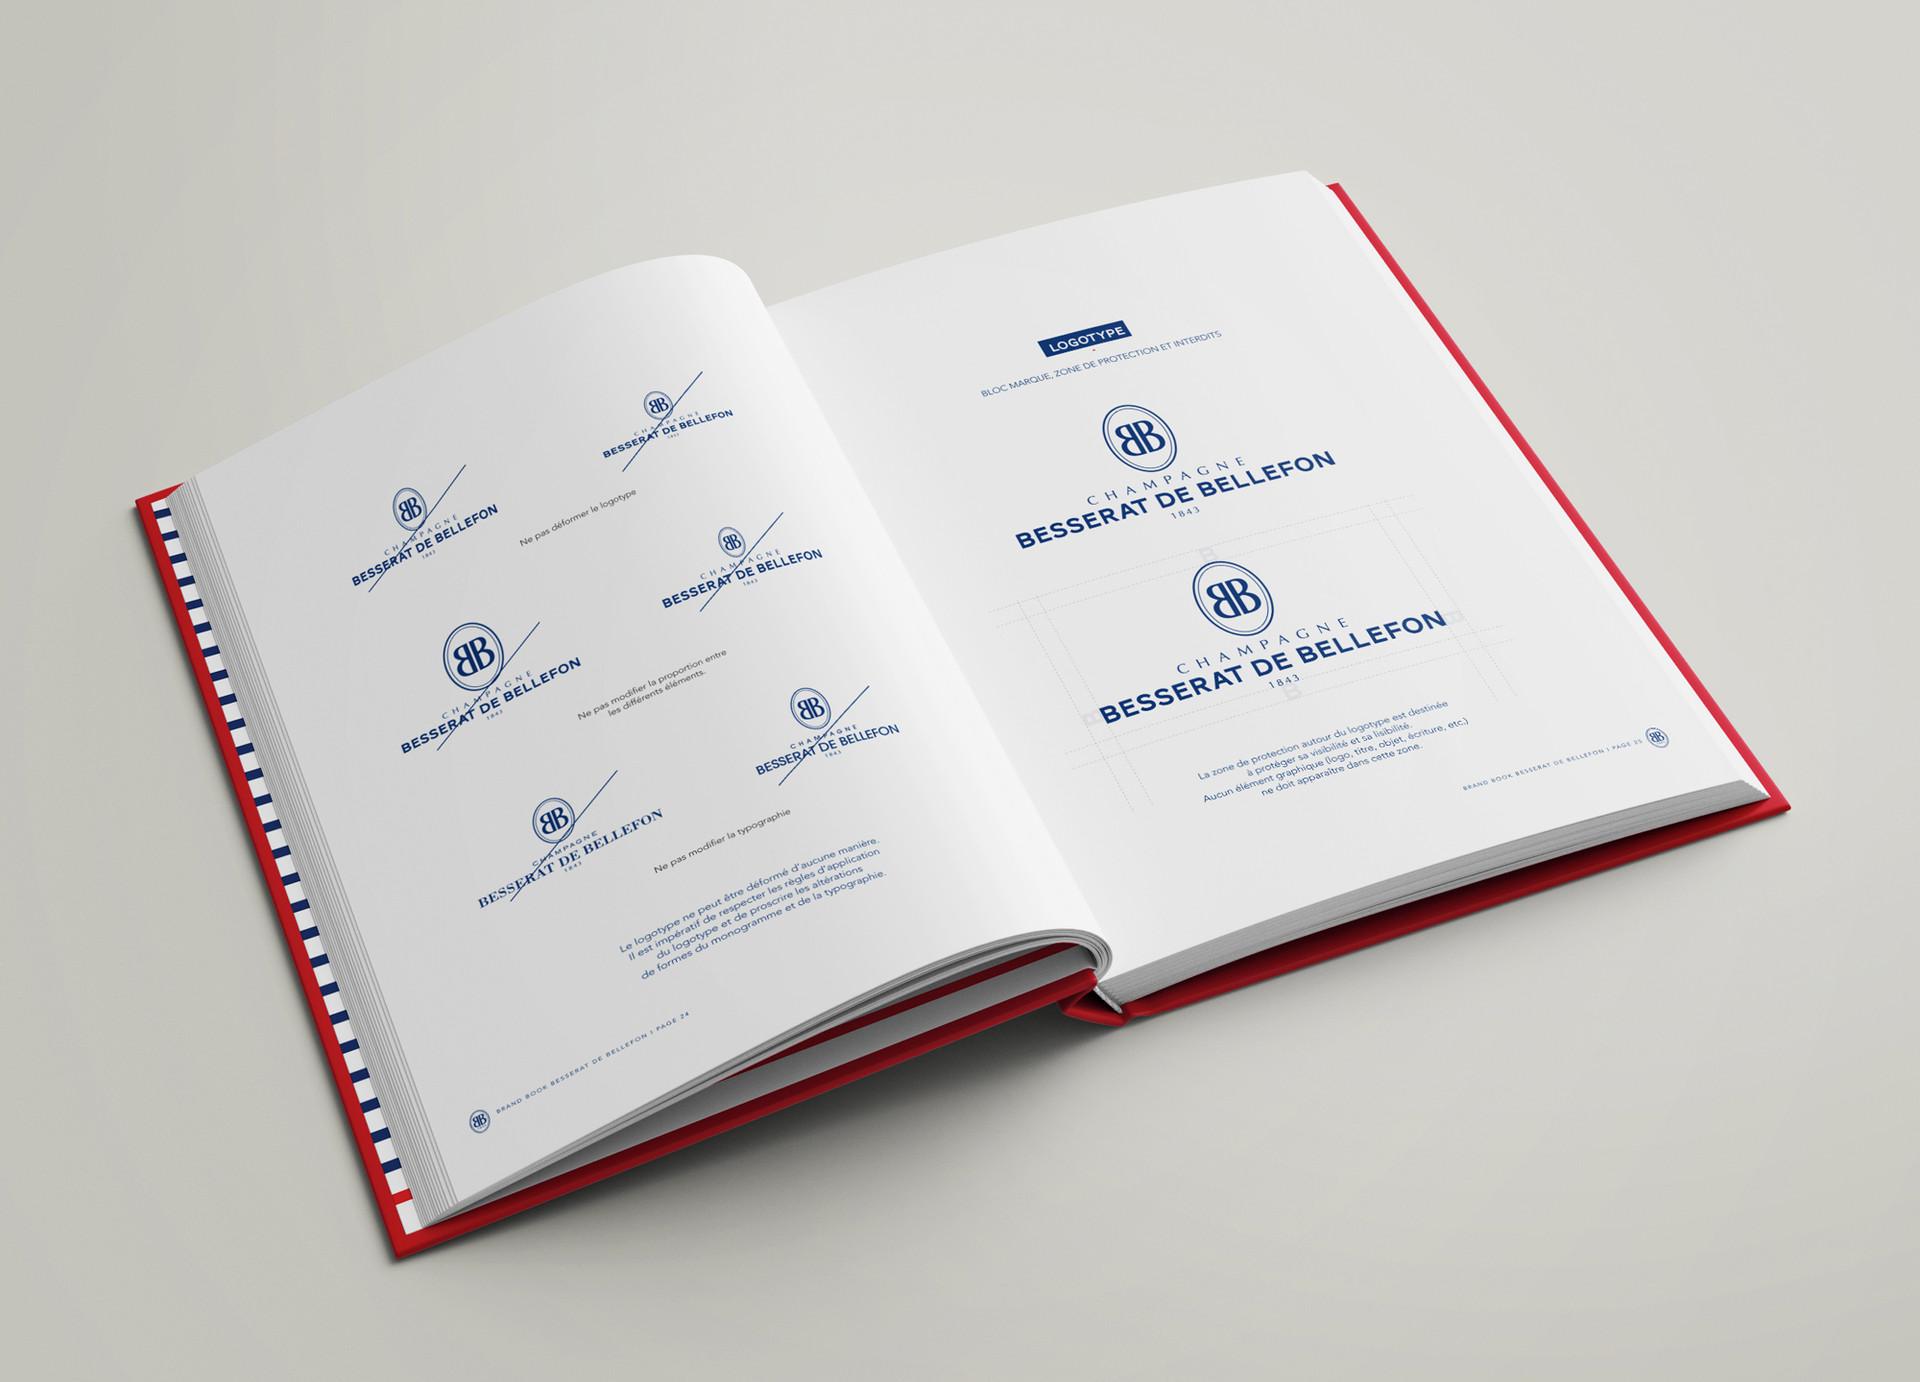 BRAND-BOOK-2.jpg